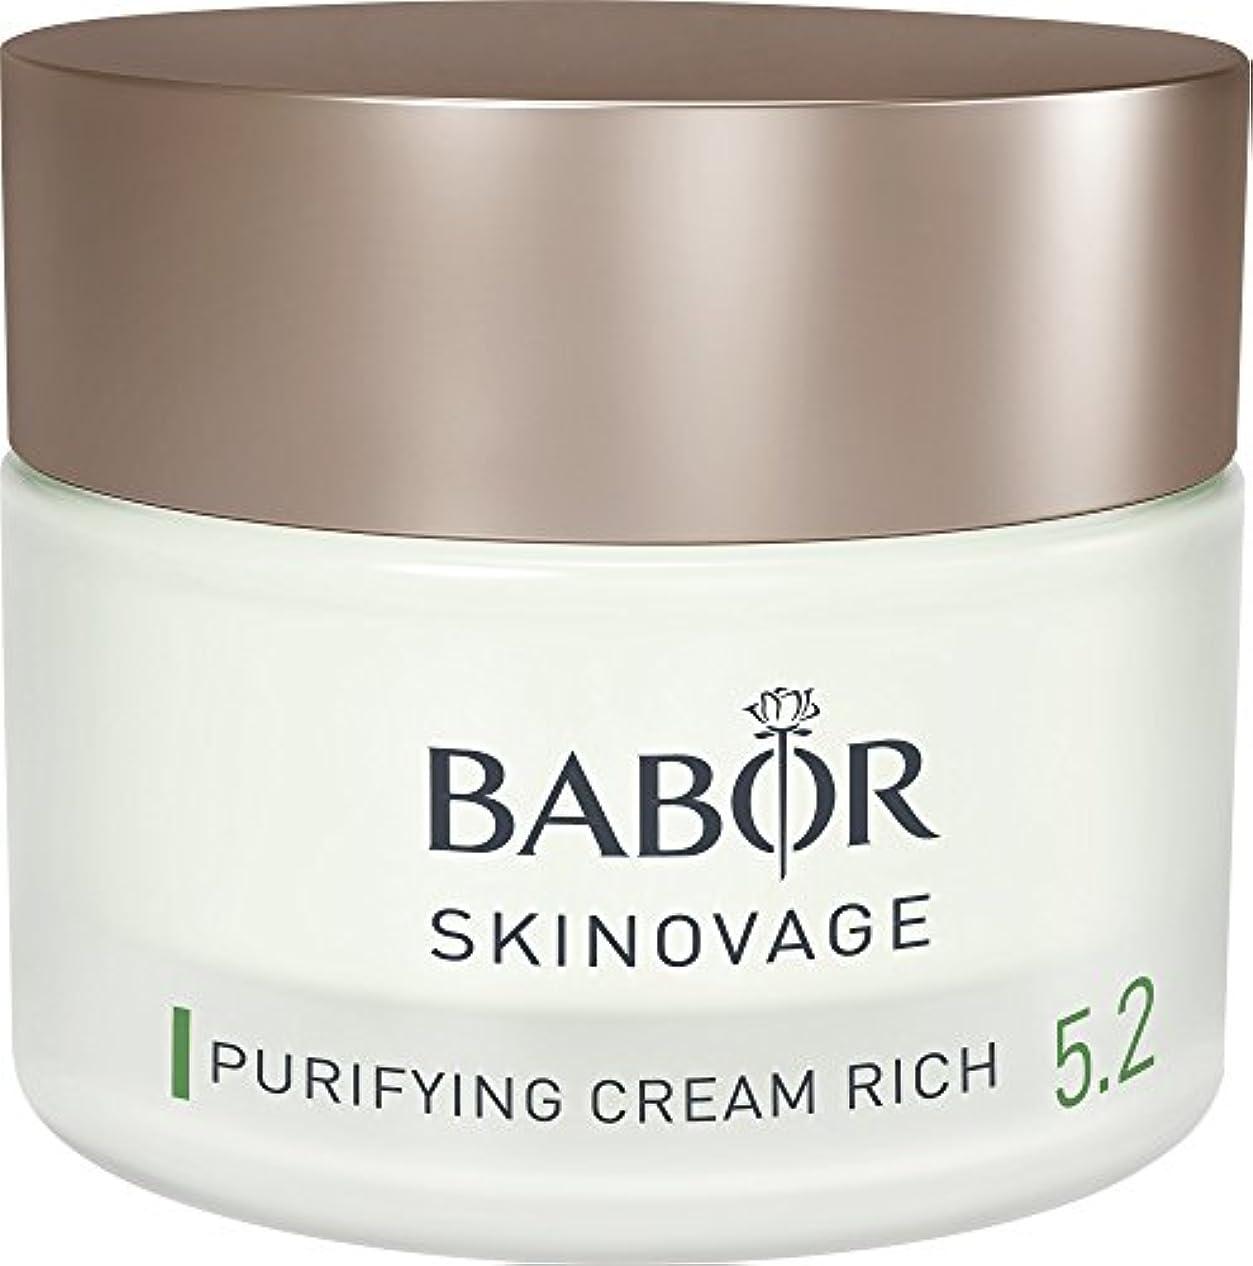 人質米ドルエーカーバボール Skinovage [Age Preventing] Purifying Cream Rich 5.2 - For Problem & Oily Skin 50ml/1.7oz並行輸入品